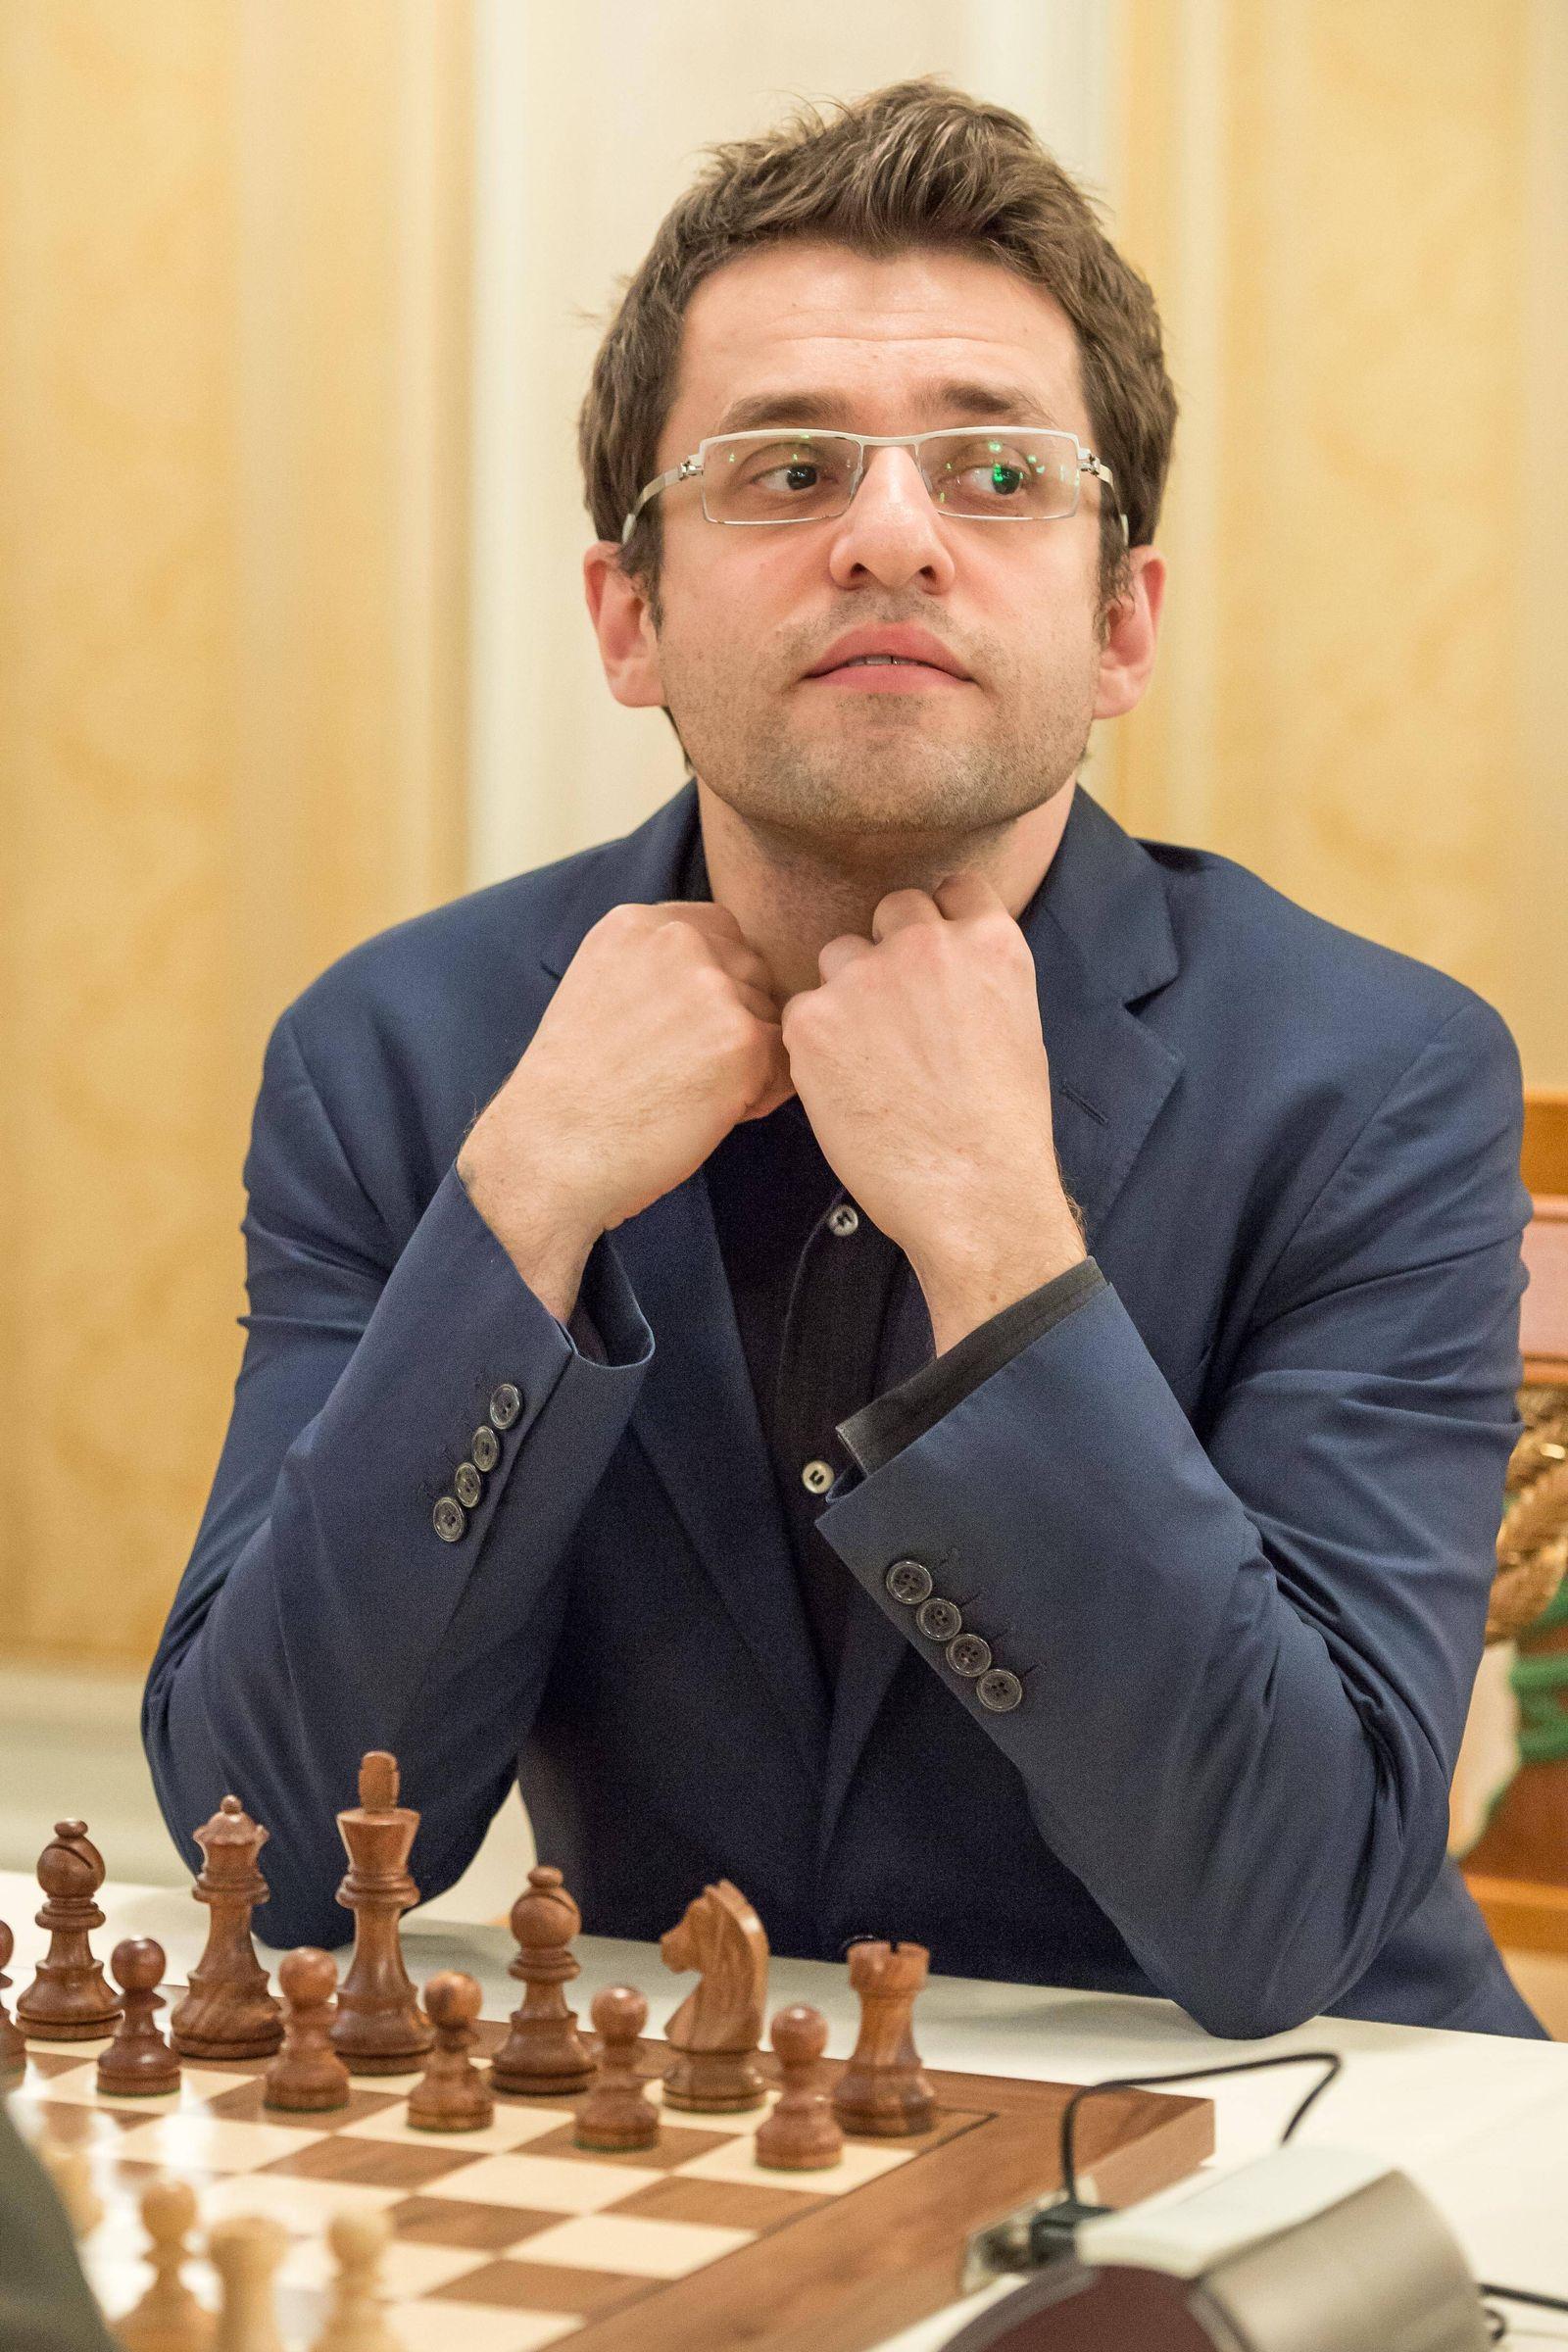 EINMALIGE VERWENDUNG Schachspieler/ Schach/ Levon Aronian